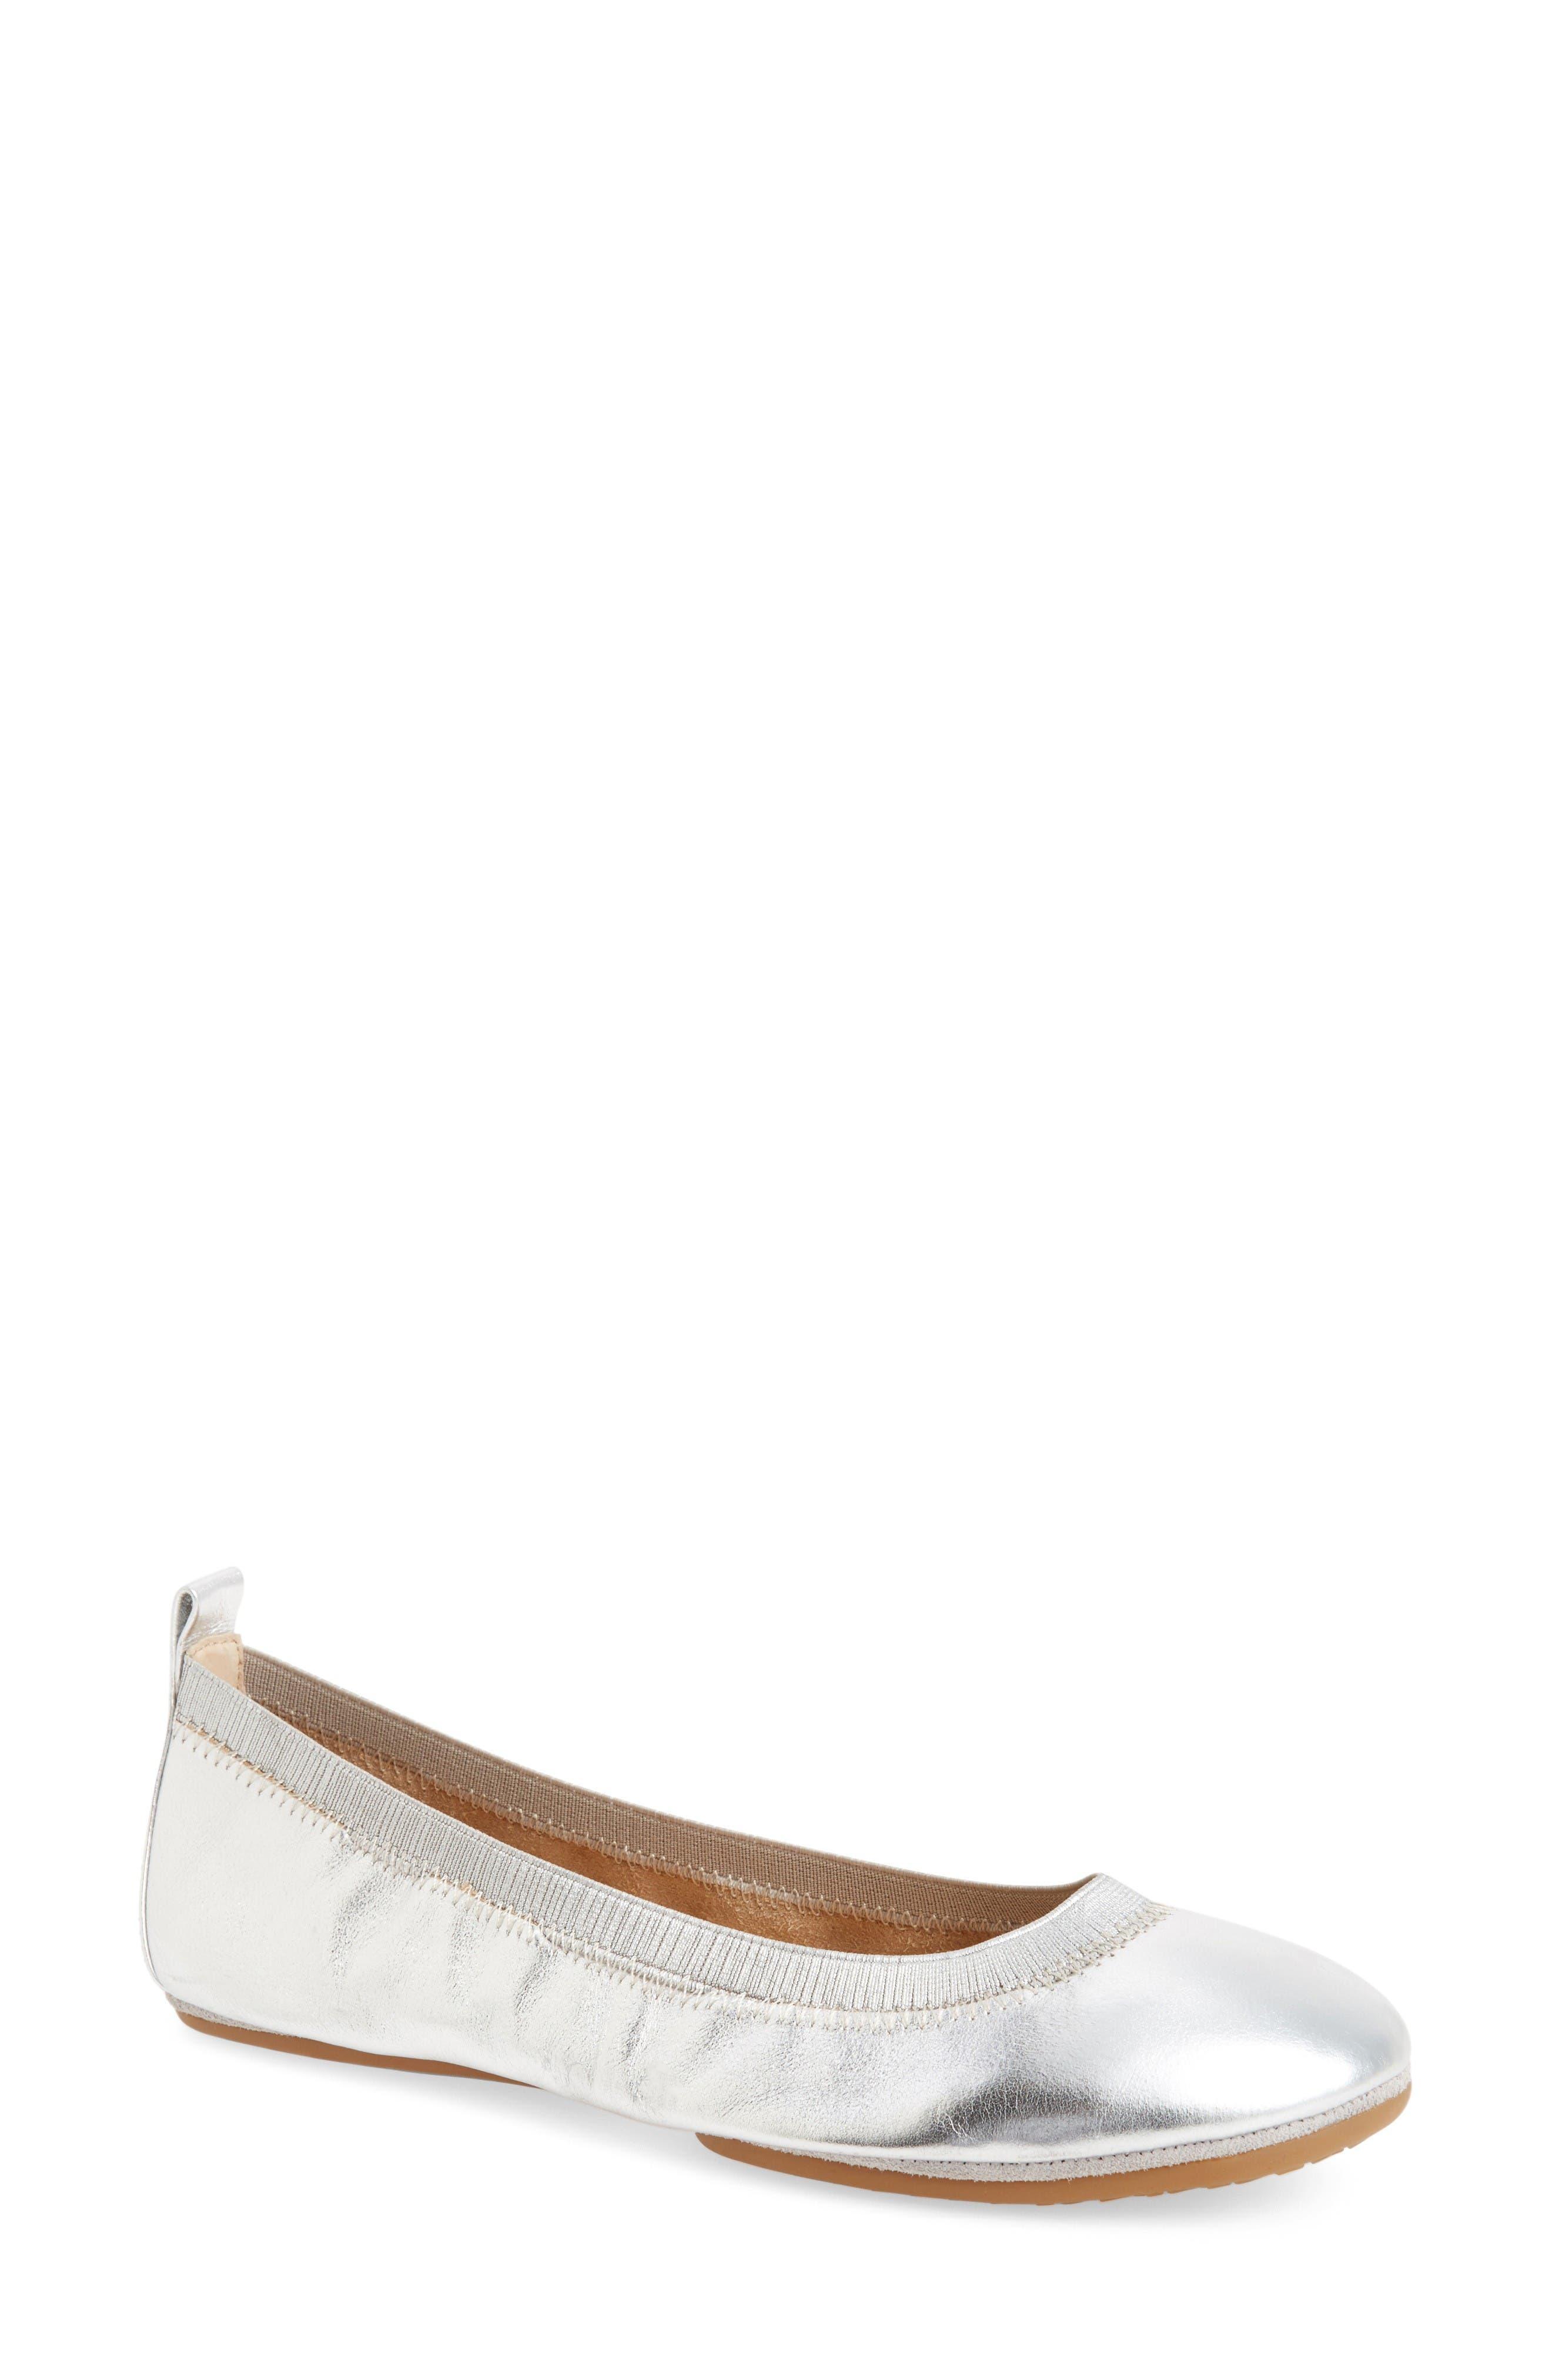 Yosi Samra Samara 2.0 Foldable Ballet Flat (Women)